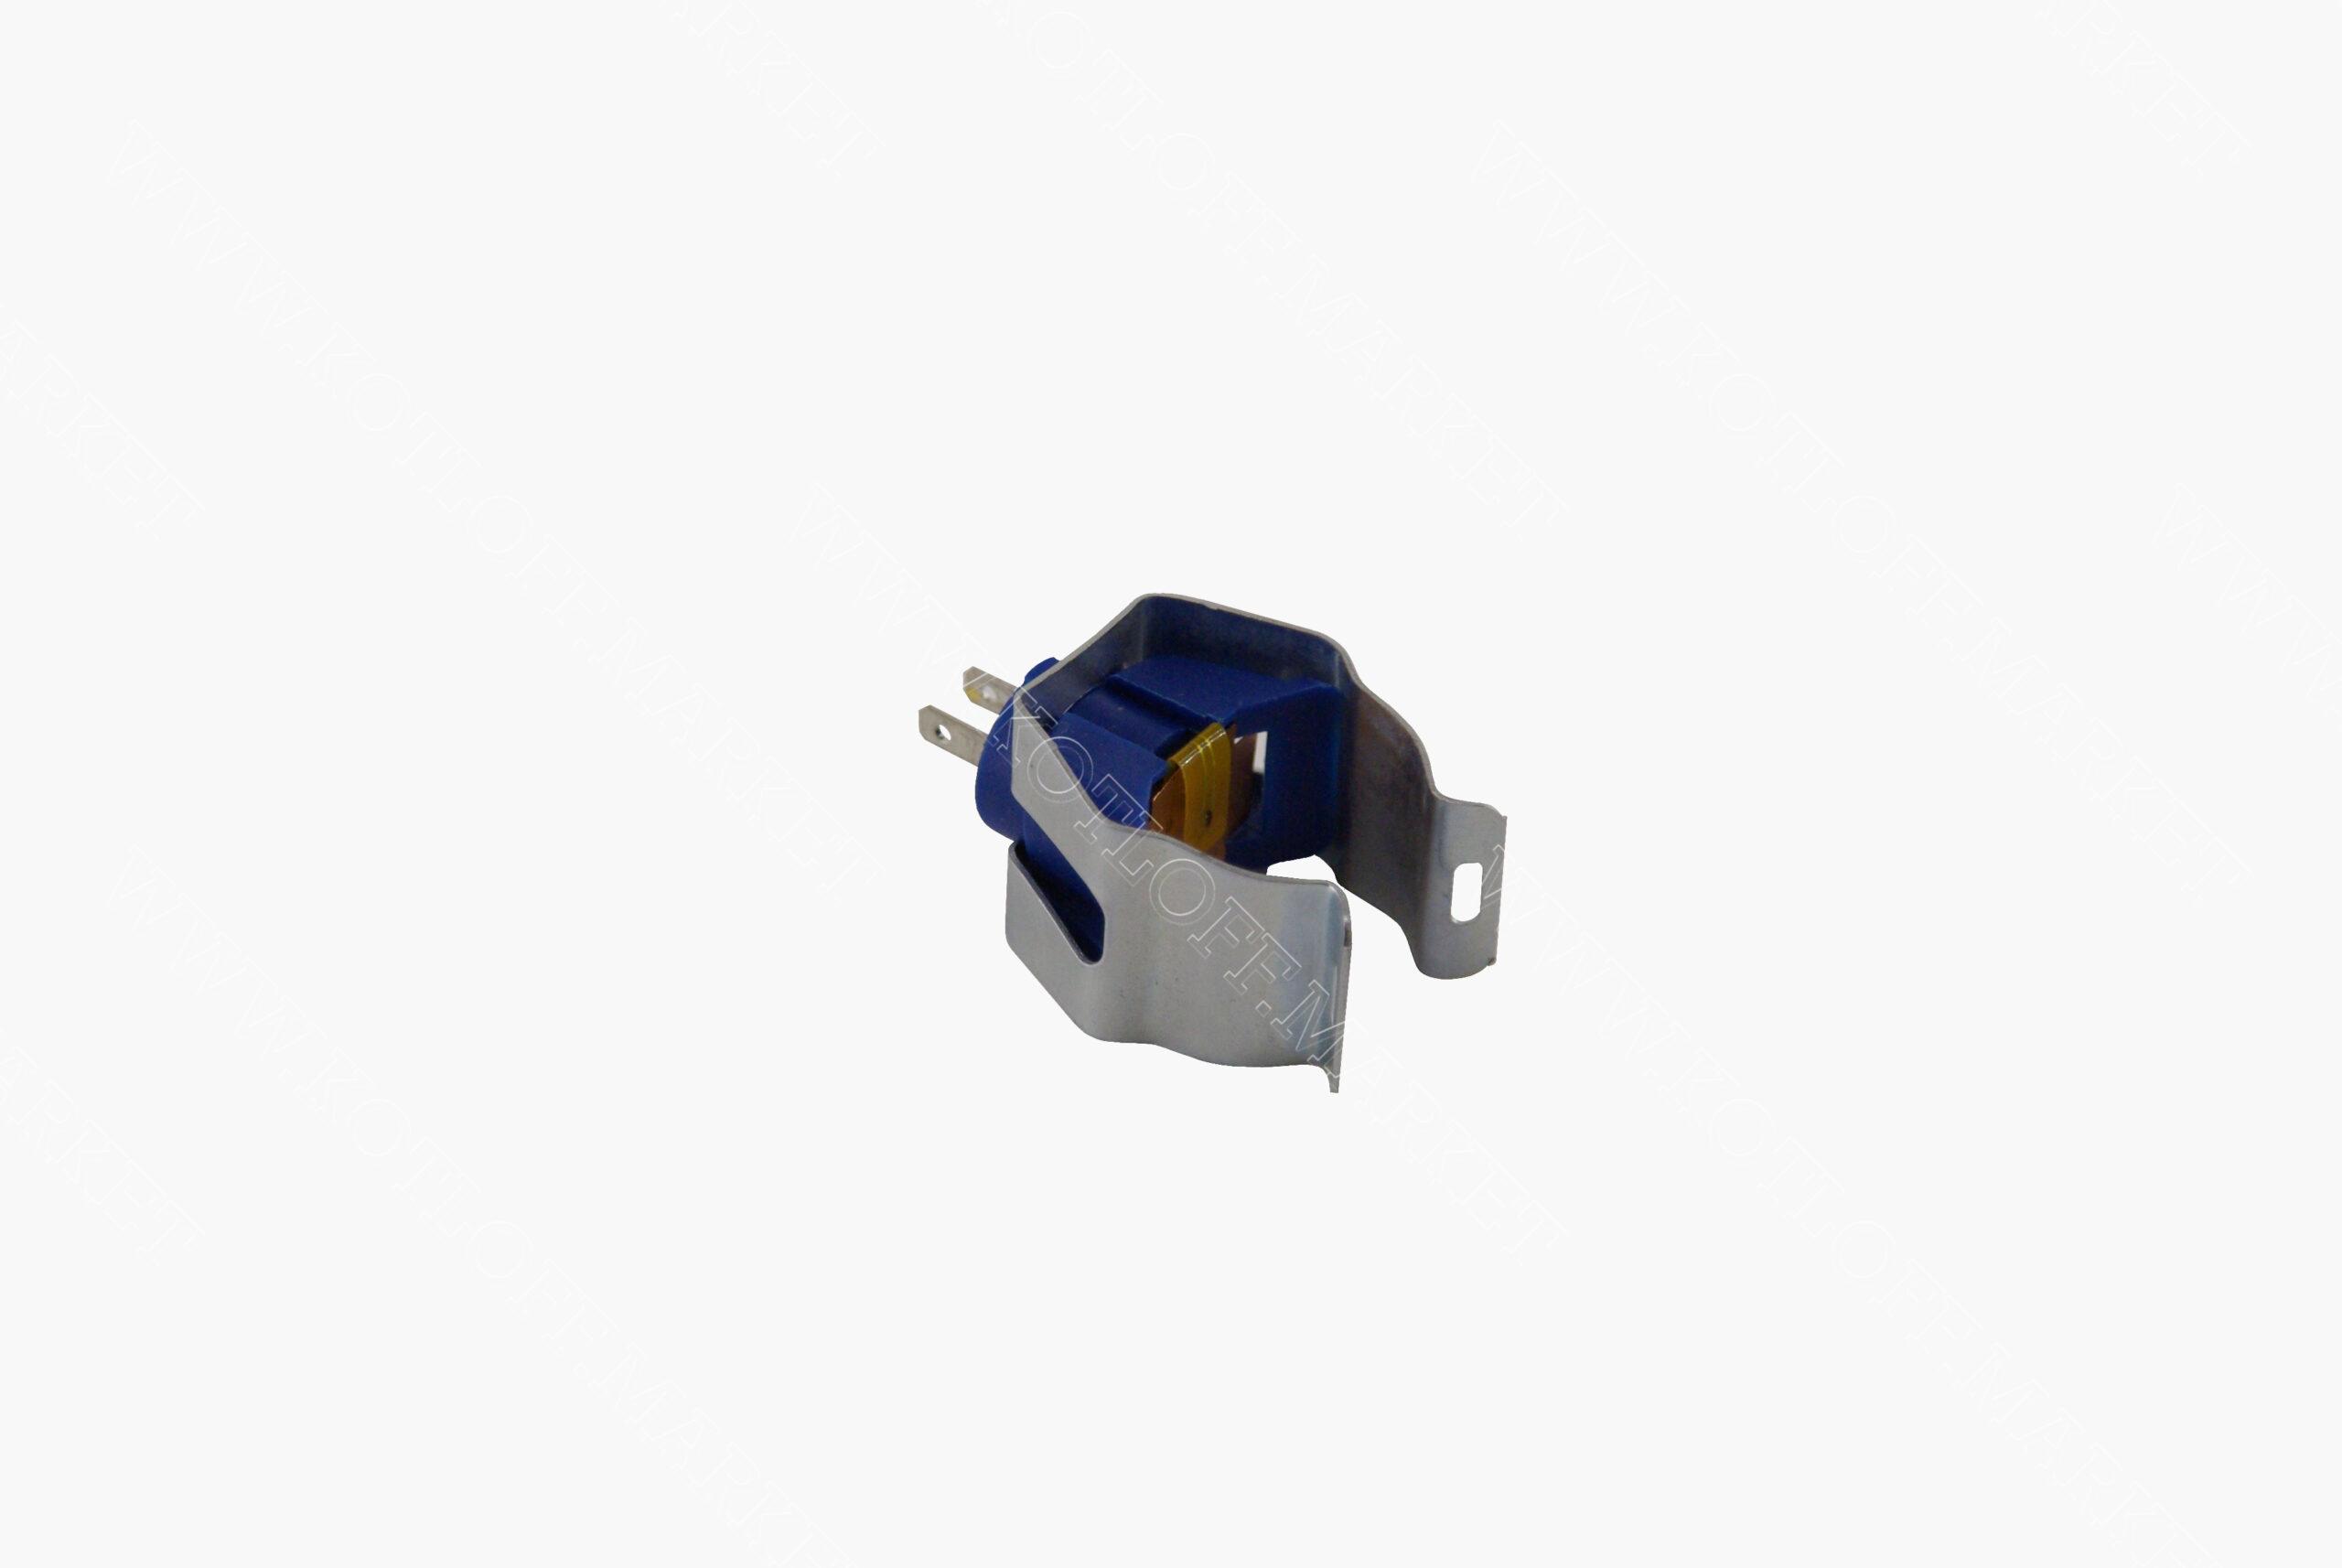 Датчик температуры ntc накладной синий (диаметр крепежной скобы 18мм)